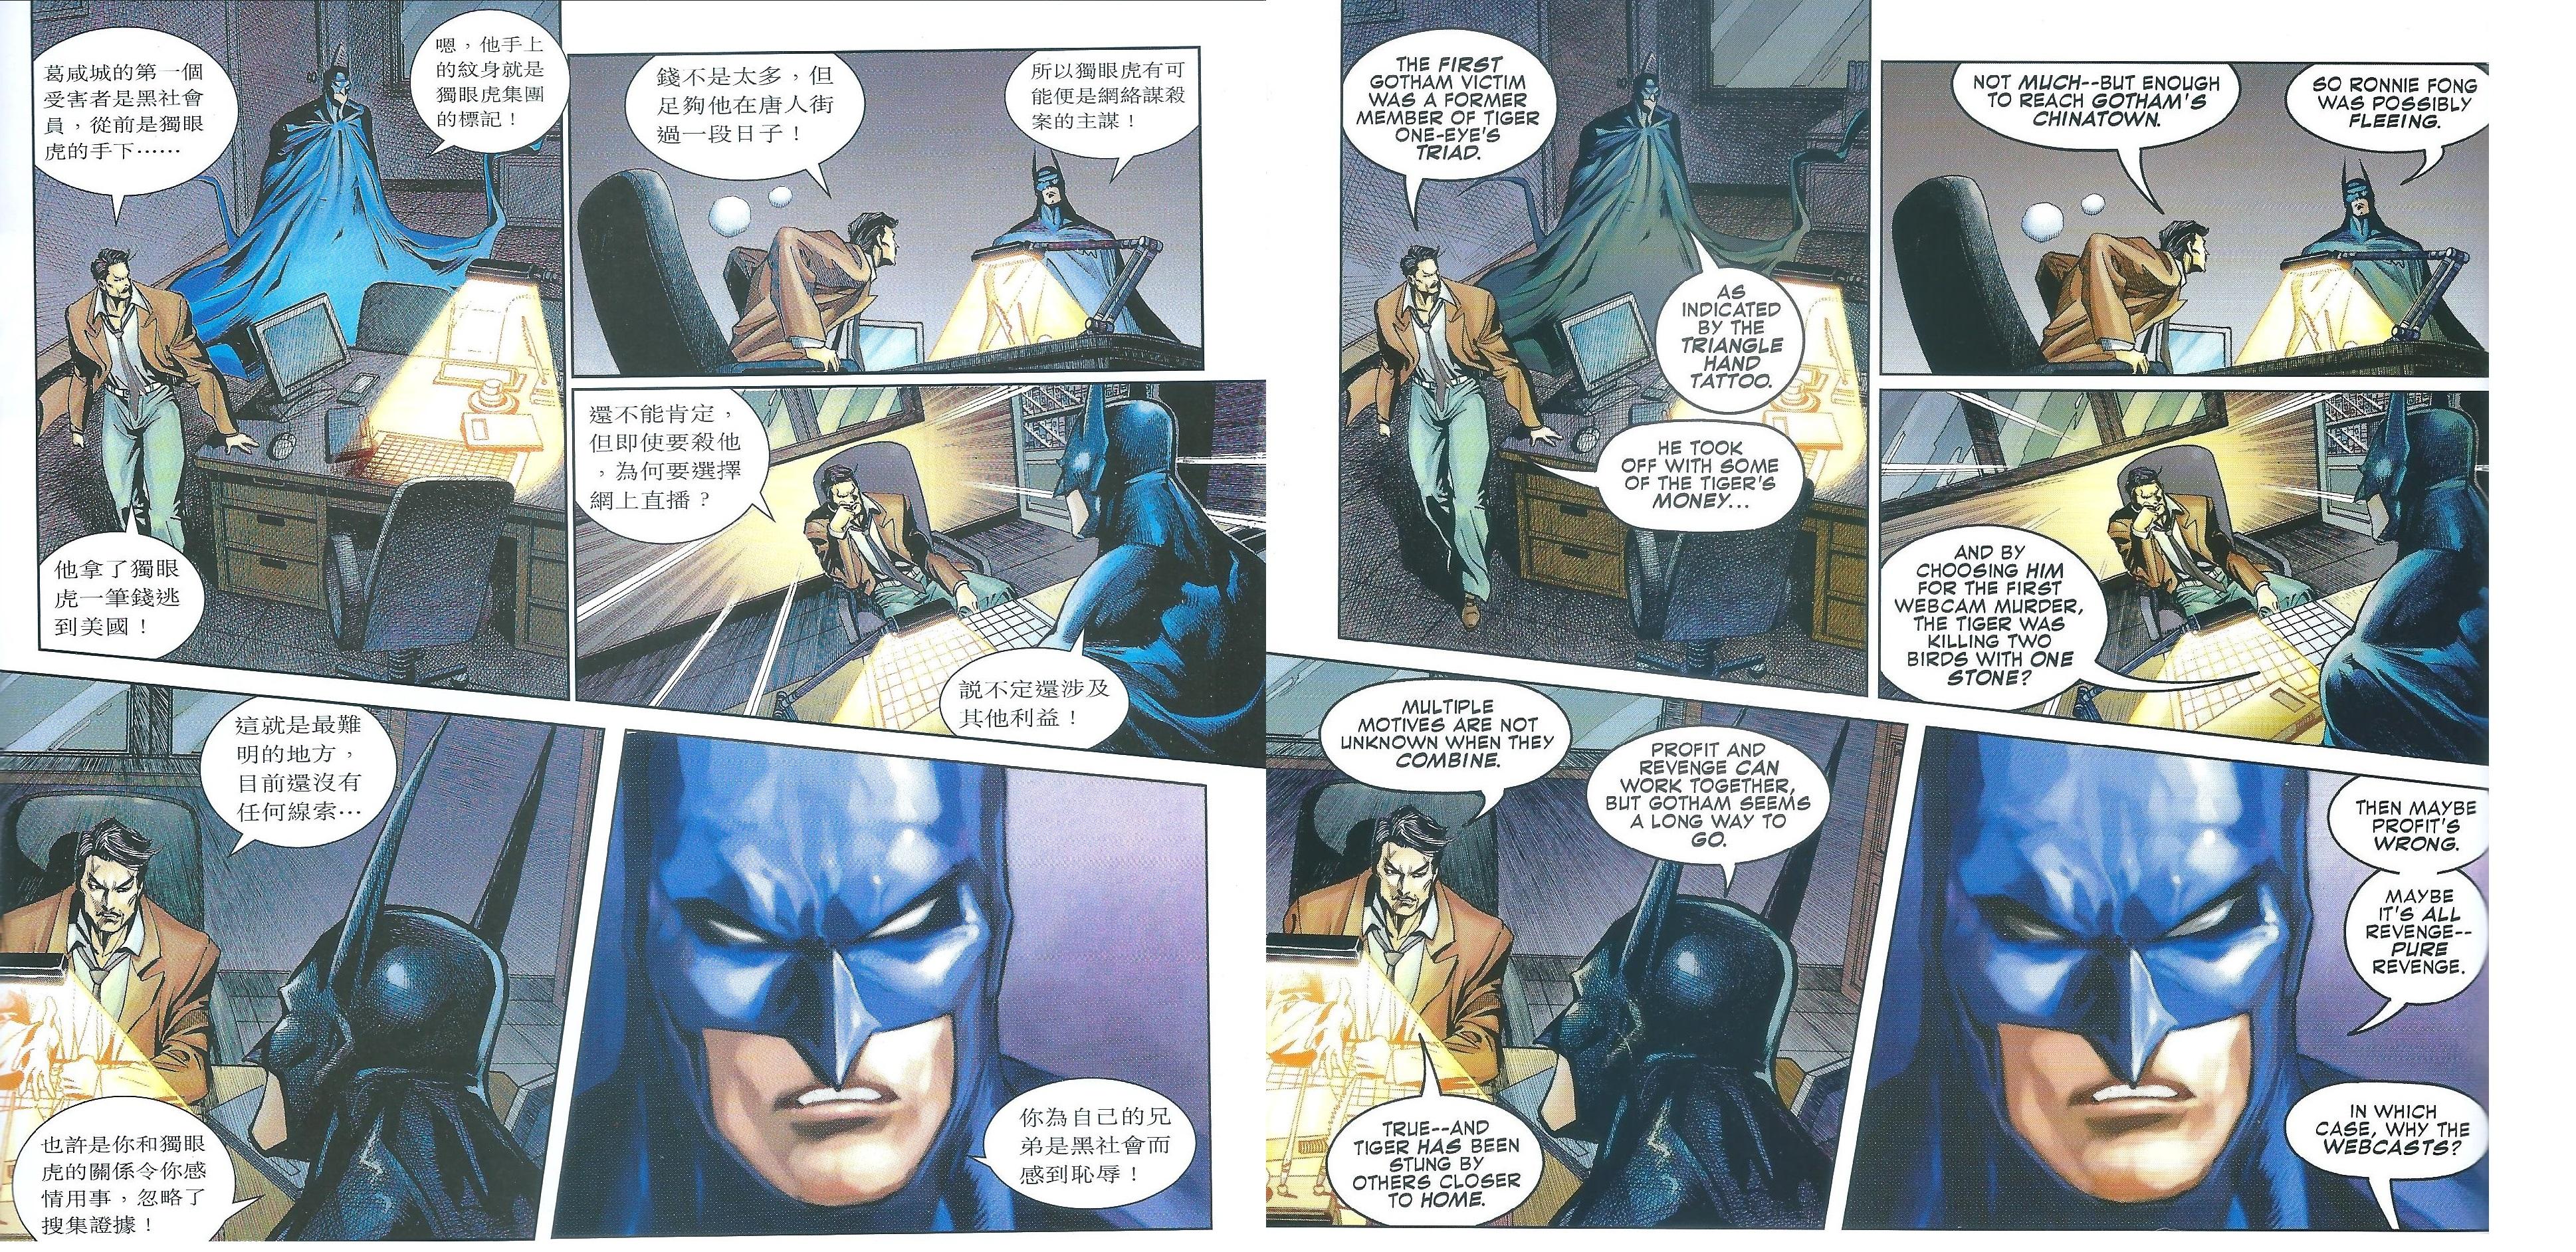 這個港版的對話就變得十分奇怪了,交待的內容明明是周義針對獨眼虎,但港版是周義夫提出很多反證,而蝙蝠俠說的句句直接指向獨眼虎,下格則反責周義私心........